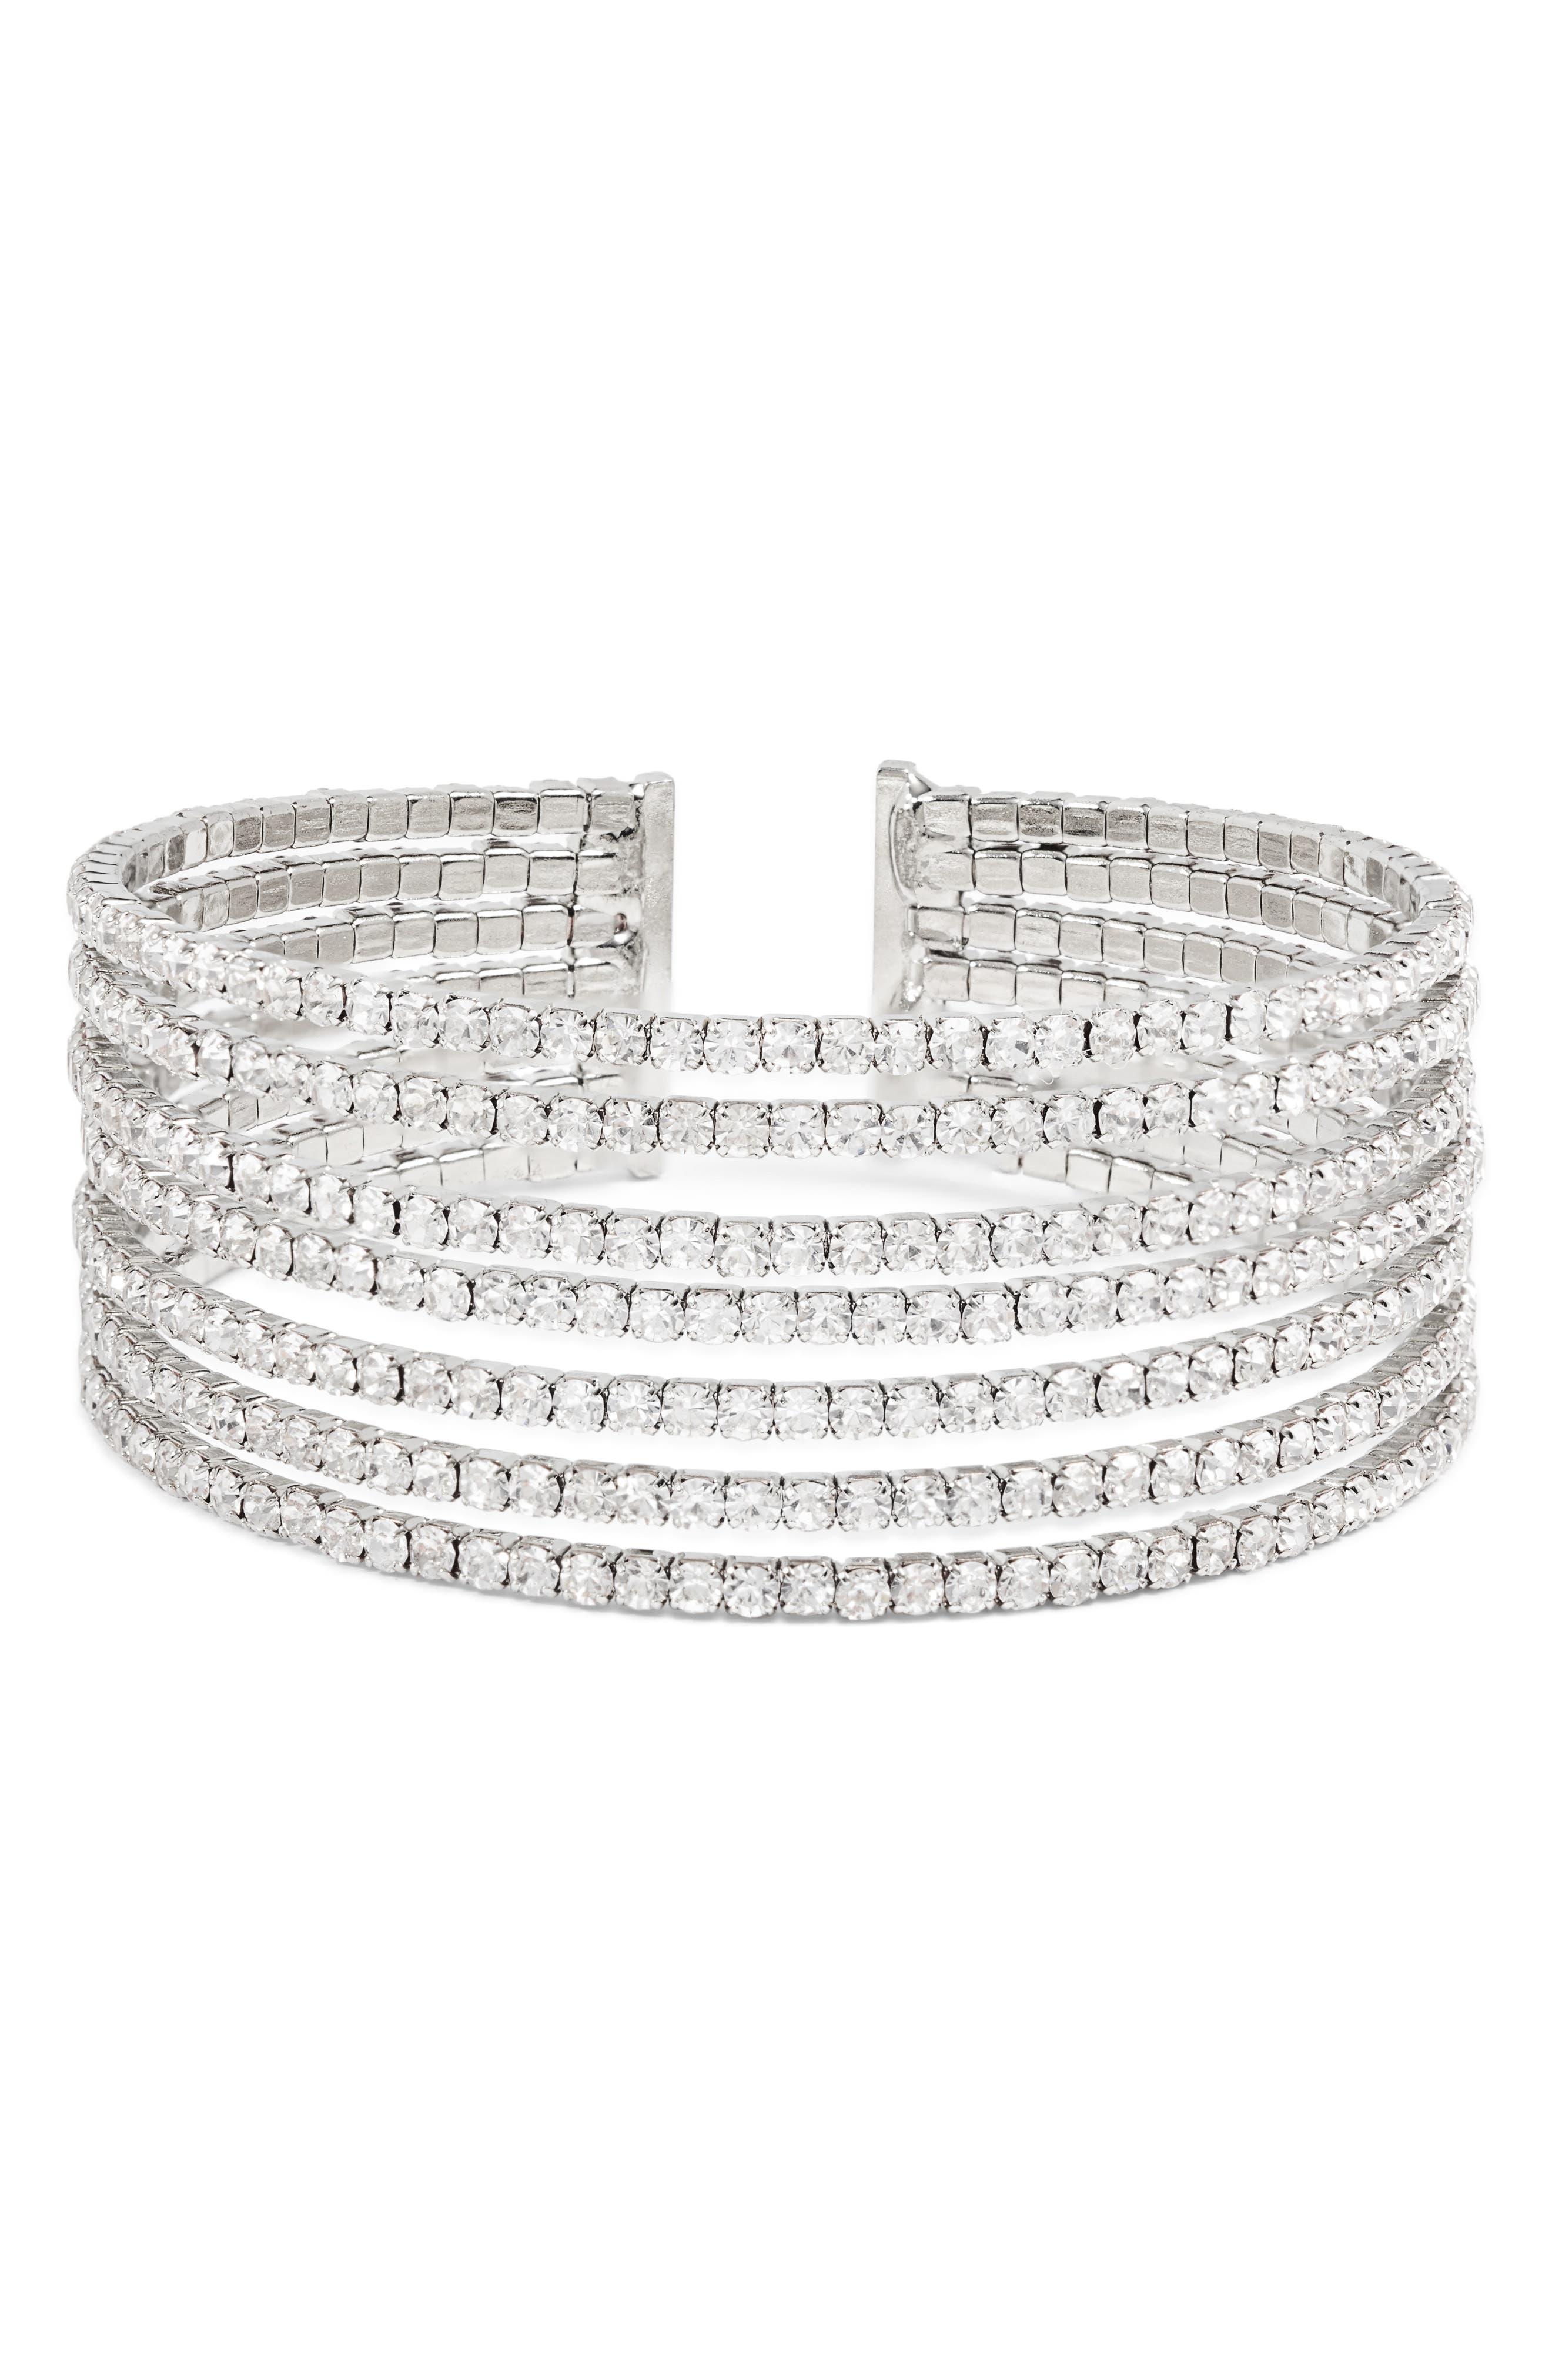 AREA STARS Dewitt Cuff (Nordstrom Exclusive) in Silver